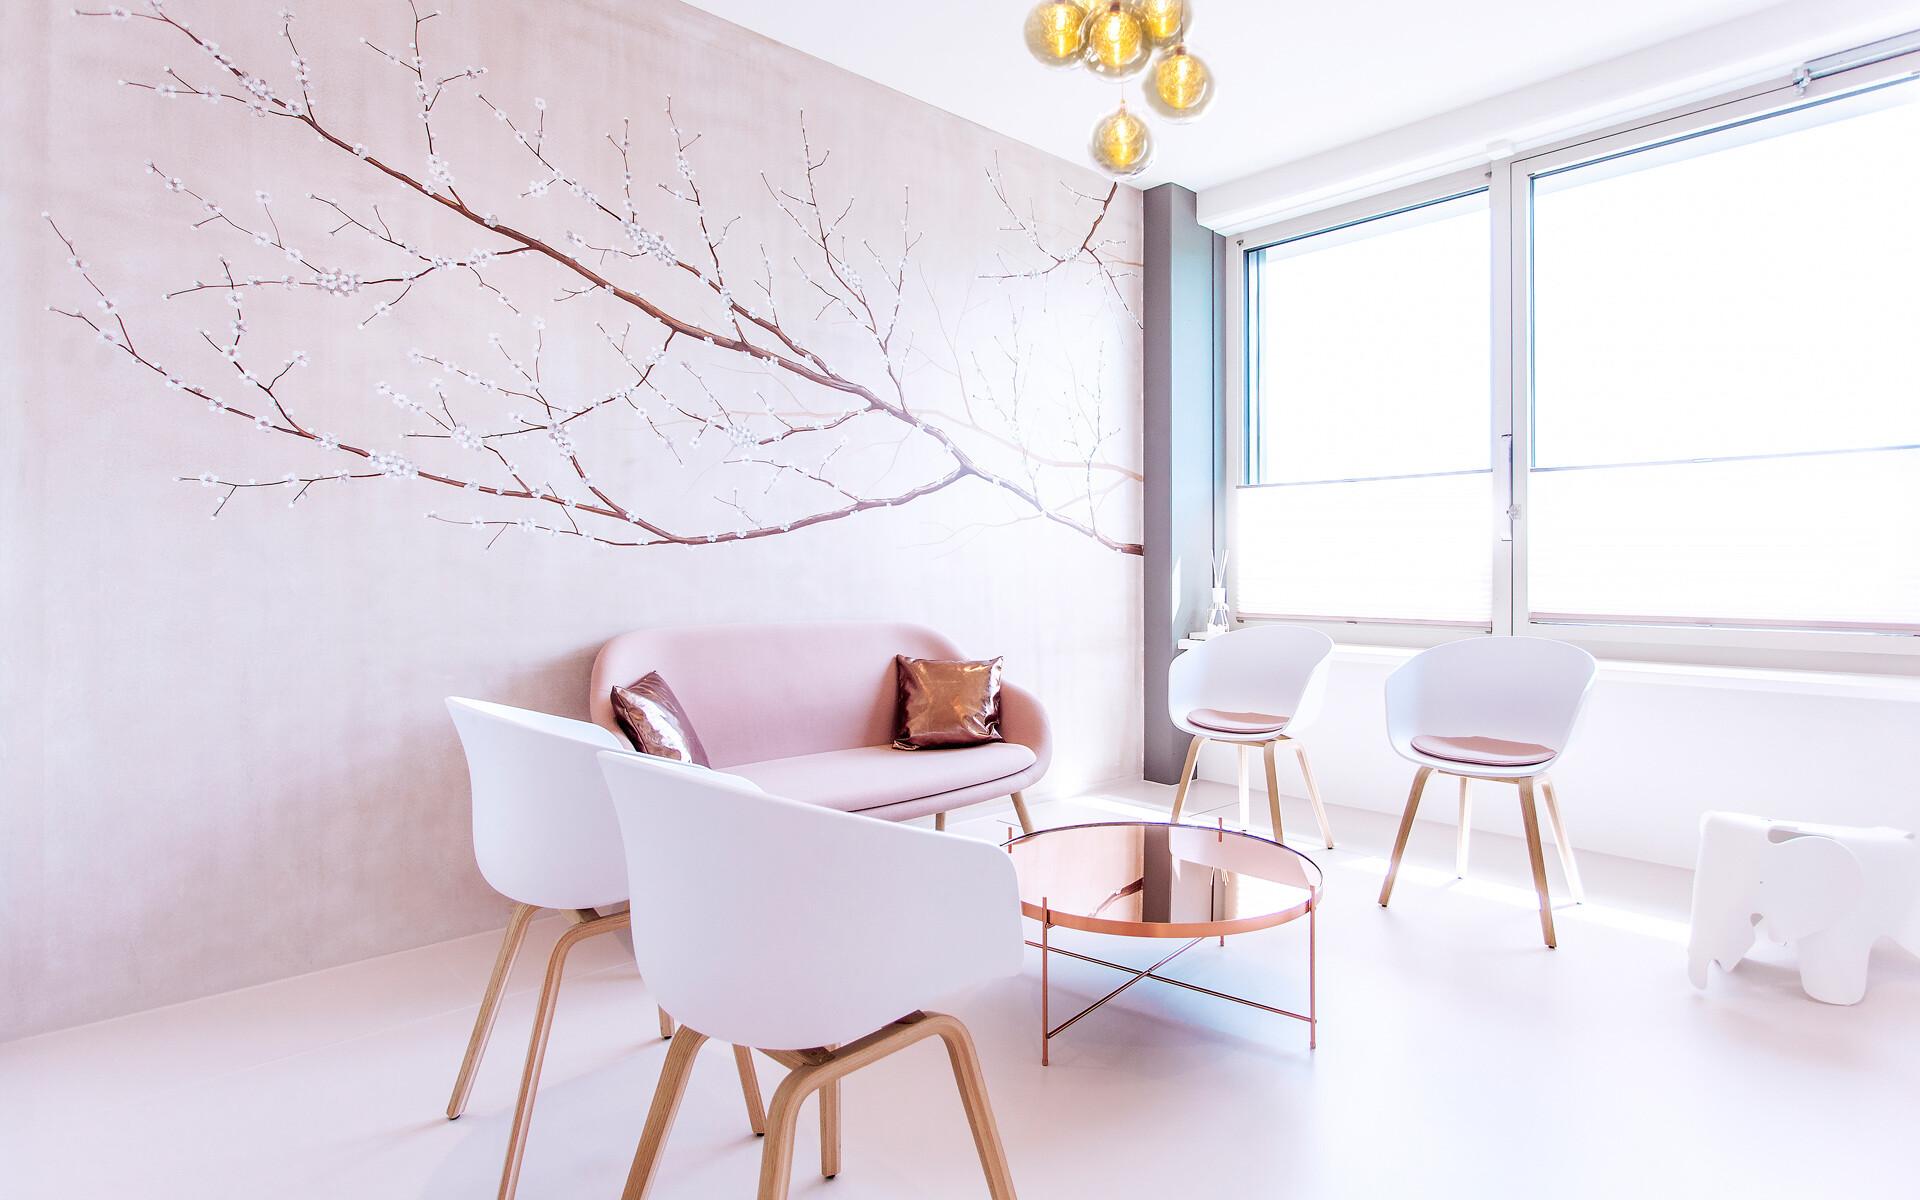 praxis f r frauengesundheit dr hilda shamon z rich ch minister von hammerstein. Black Bedroom Furniture Sets. Home Design Ideas